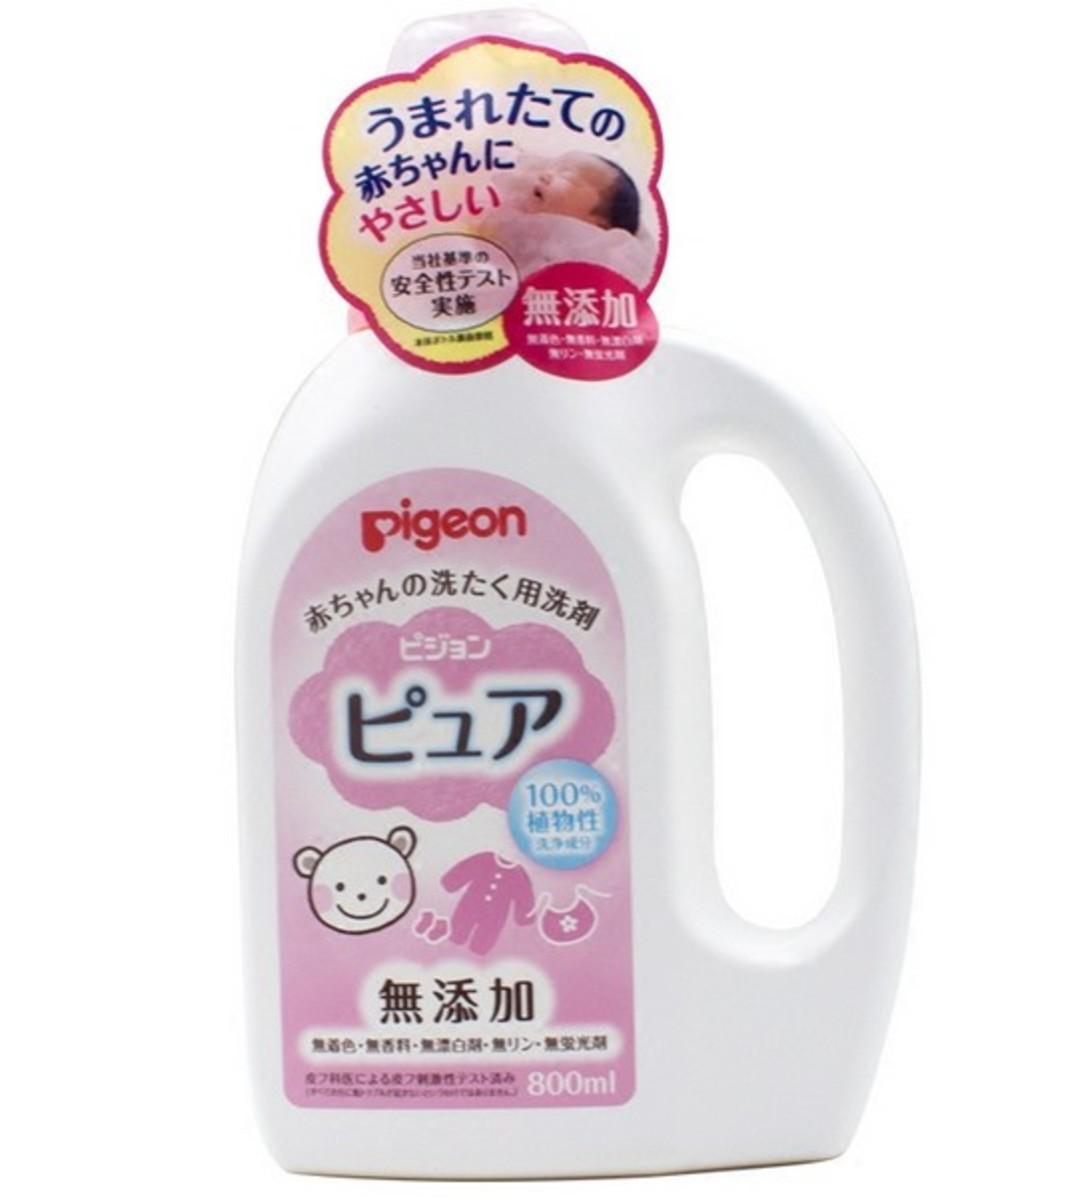 嬰兒無添加衣服洗衣液 800ml 粉紅 支裝